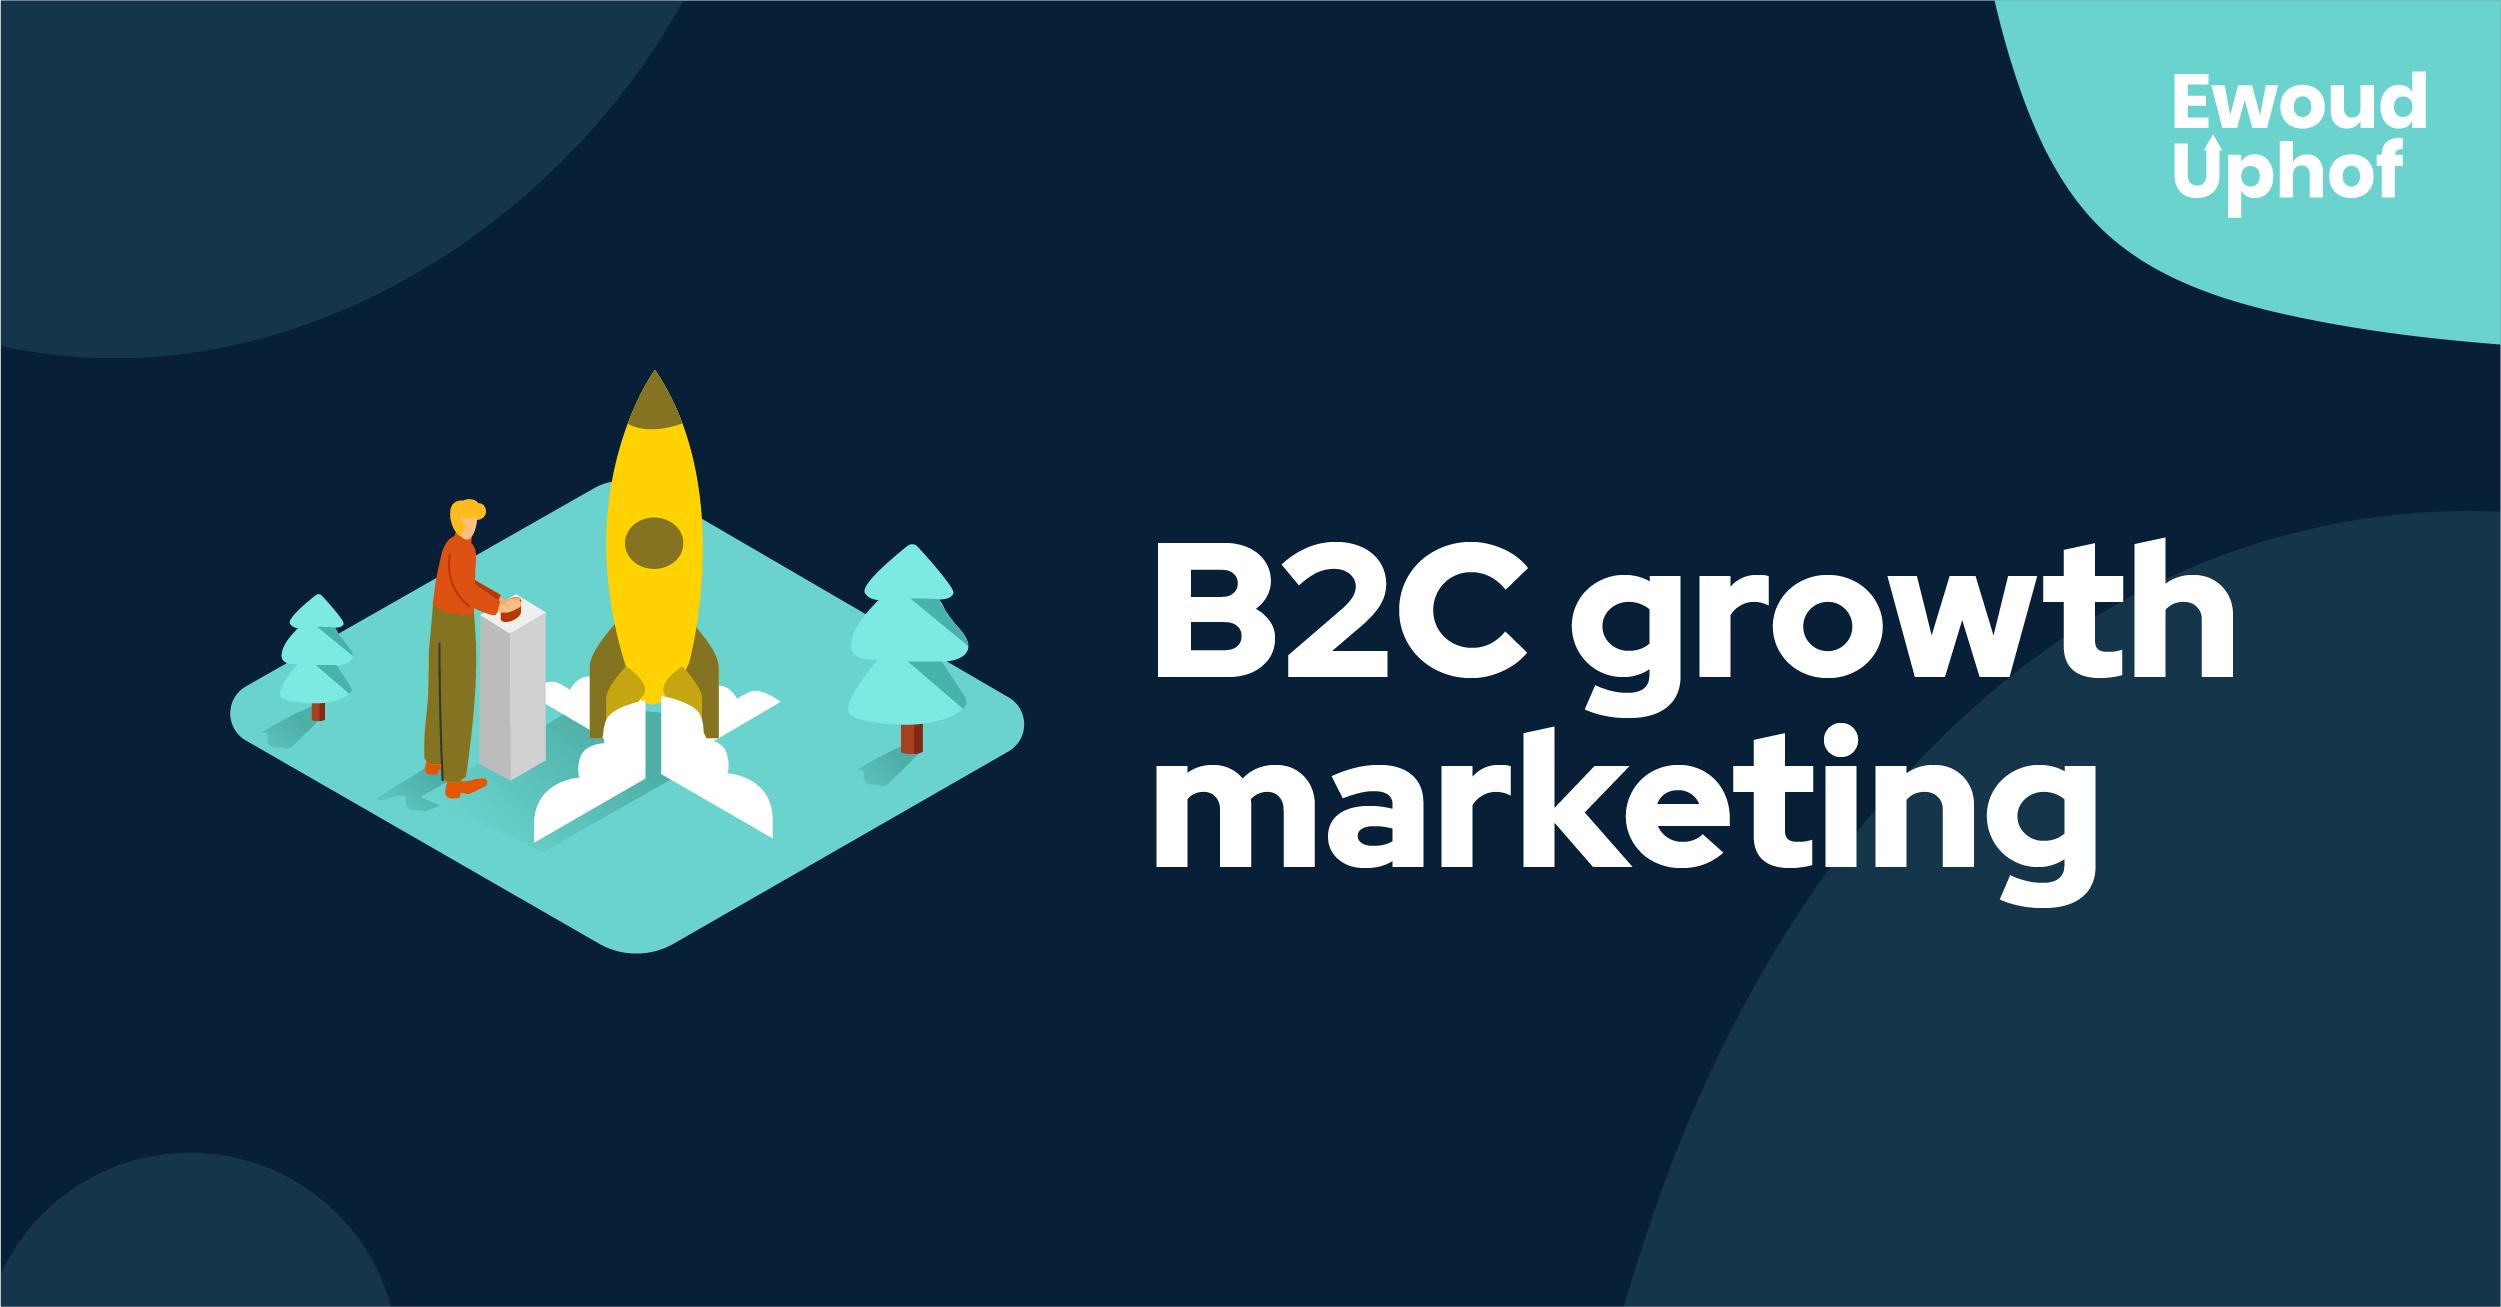 B2C growth marketing